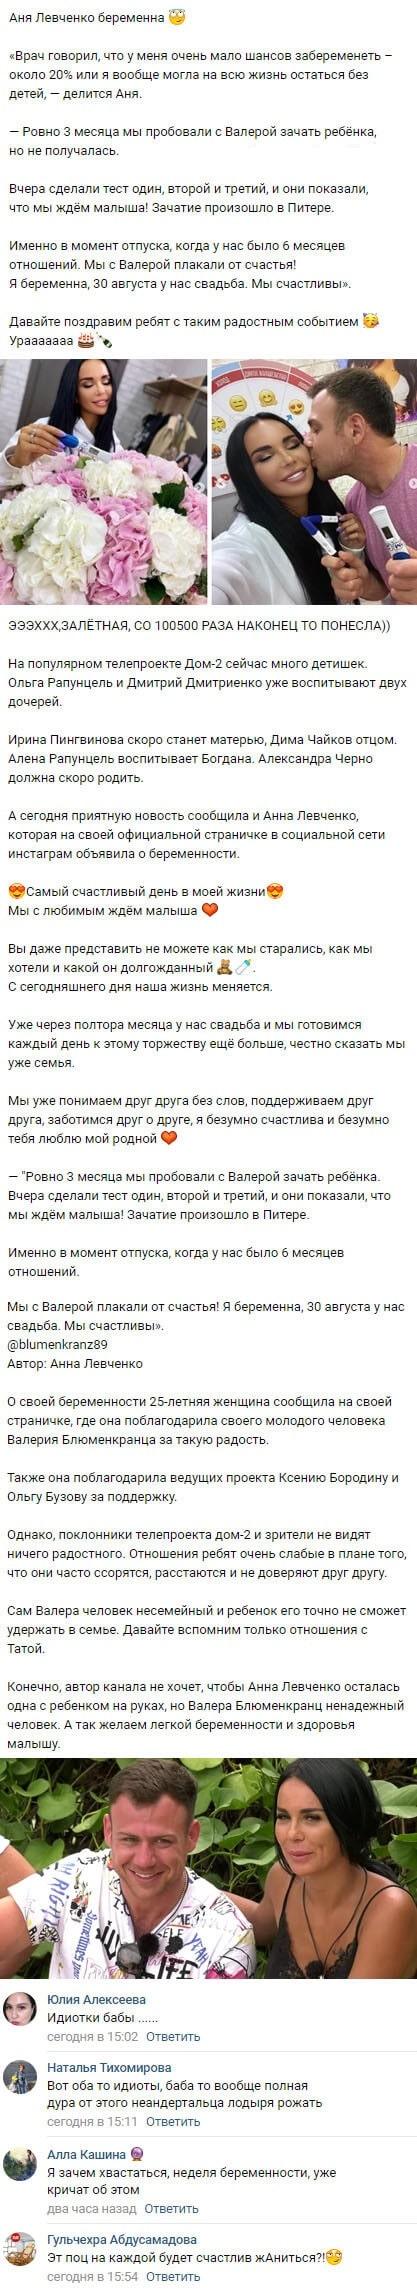 Анна Левченко поделились радостной новостью - она беременна